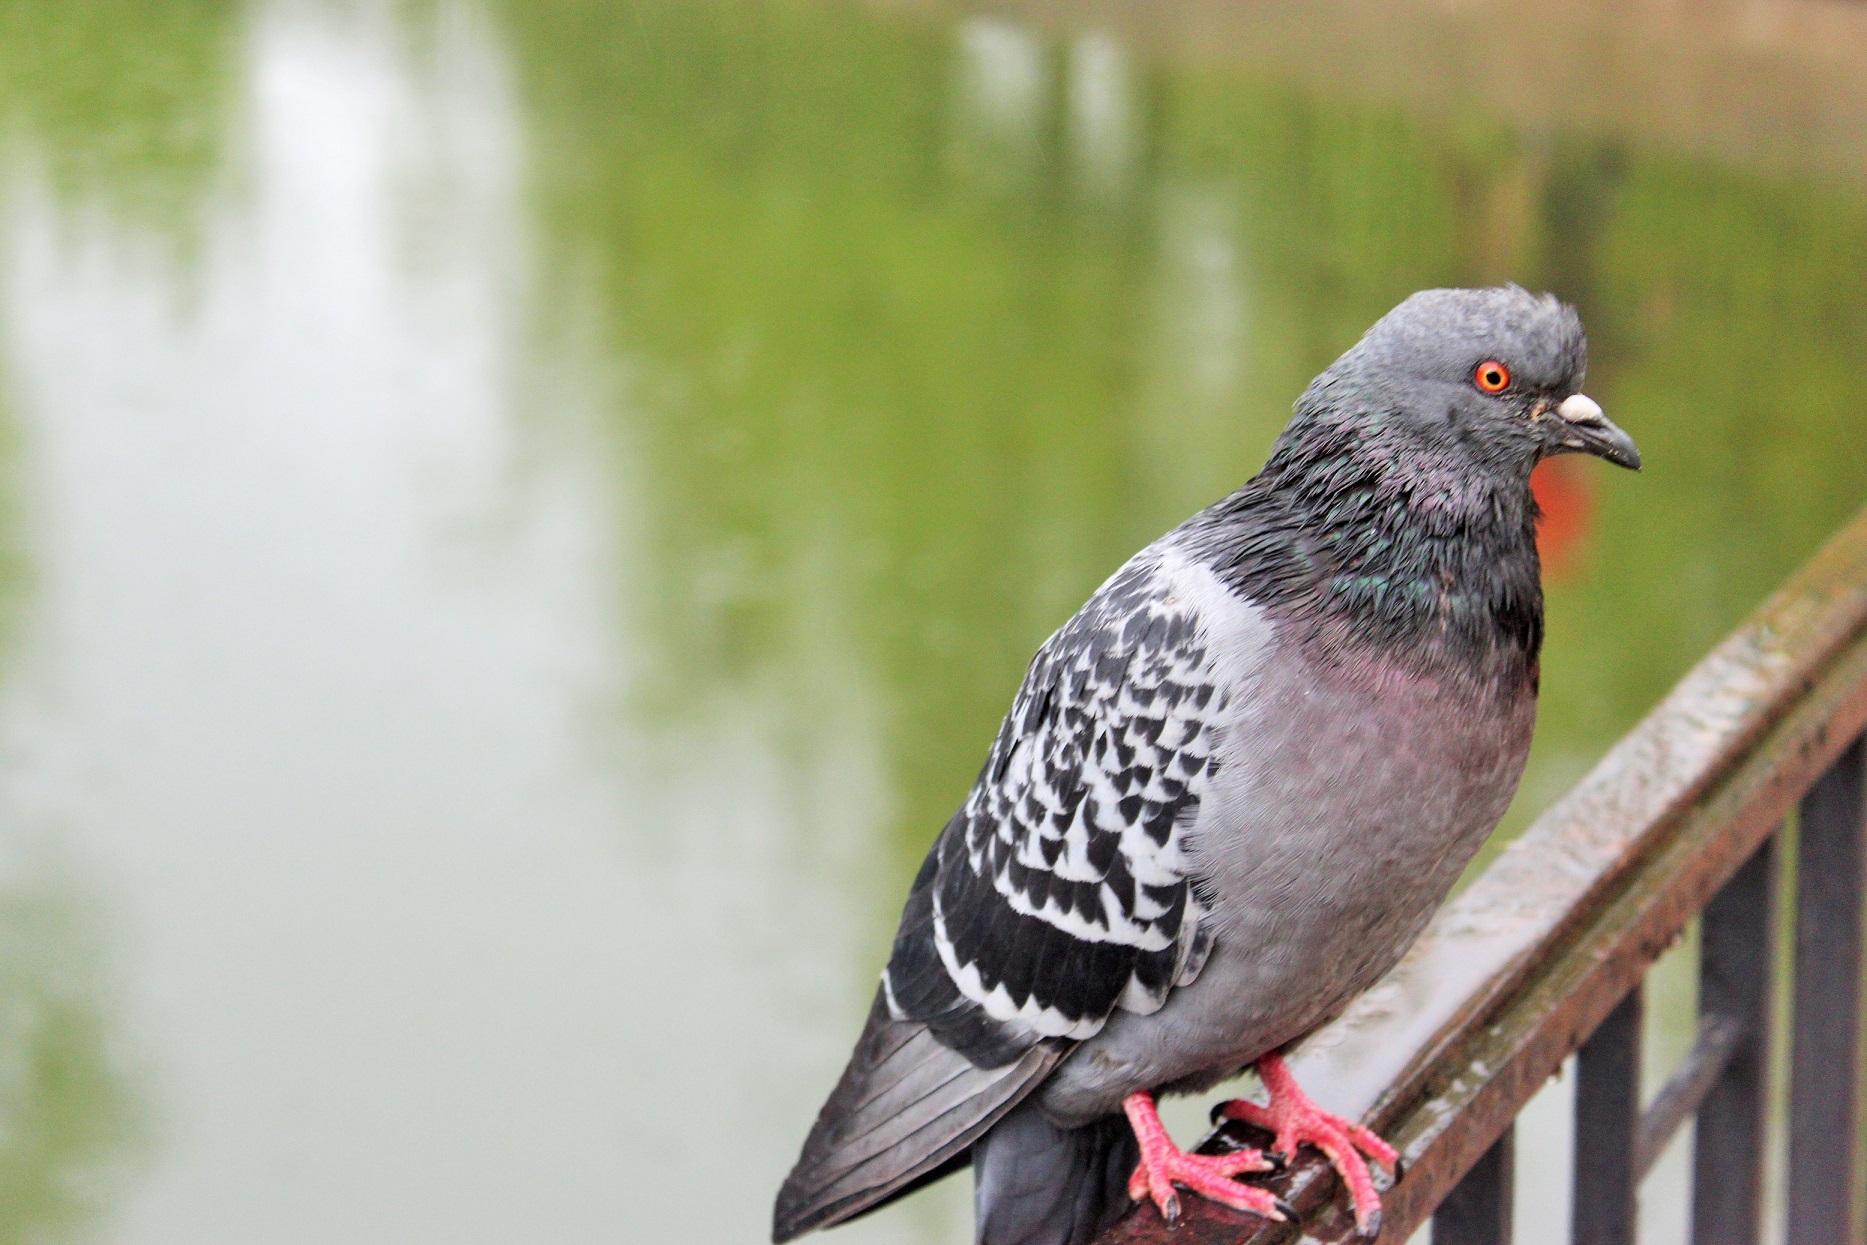 чиновники картинки голубей ворон воробьев есть много